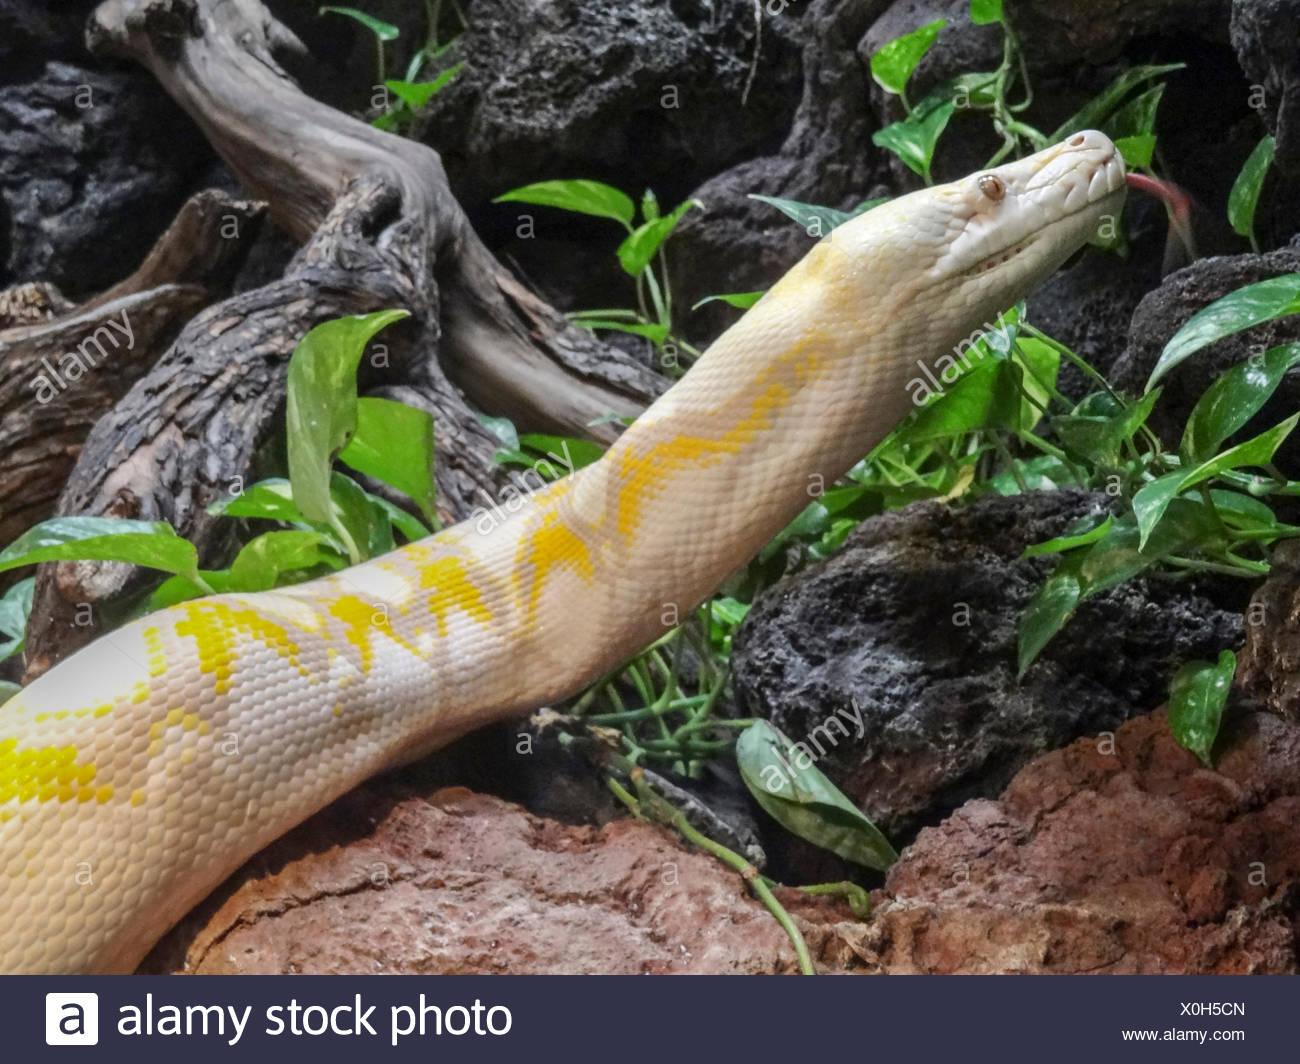 albino, carnivores, constricting, Dallas Zoo, non venomous, Python reticulatus, Reptile, Reticulated Python, Southeast Asia, Squa - Stock Image